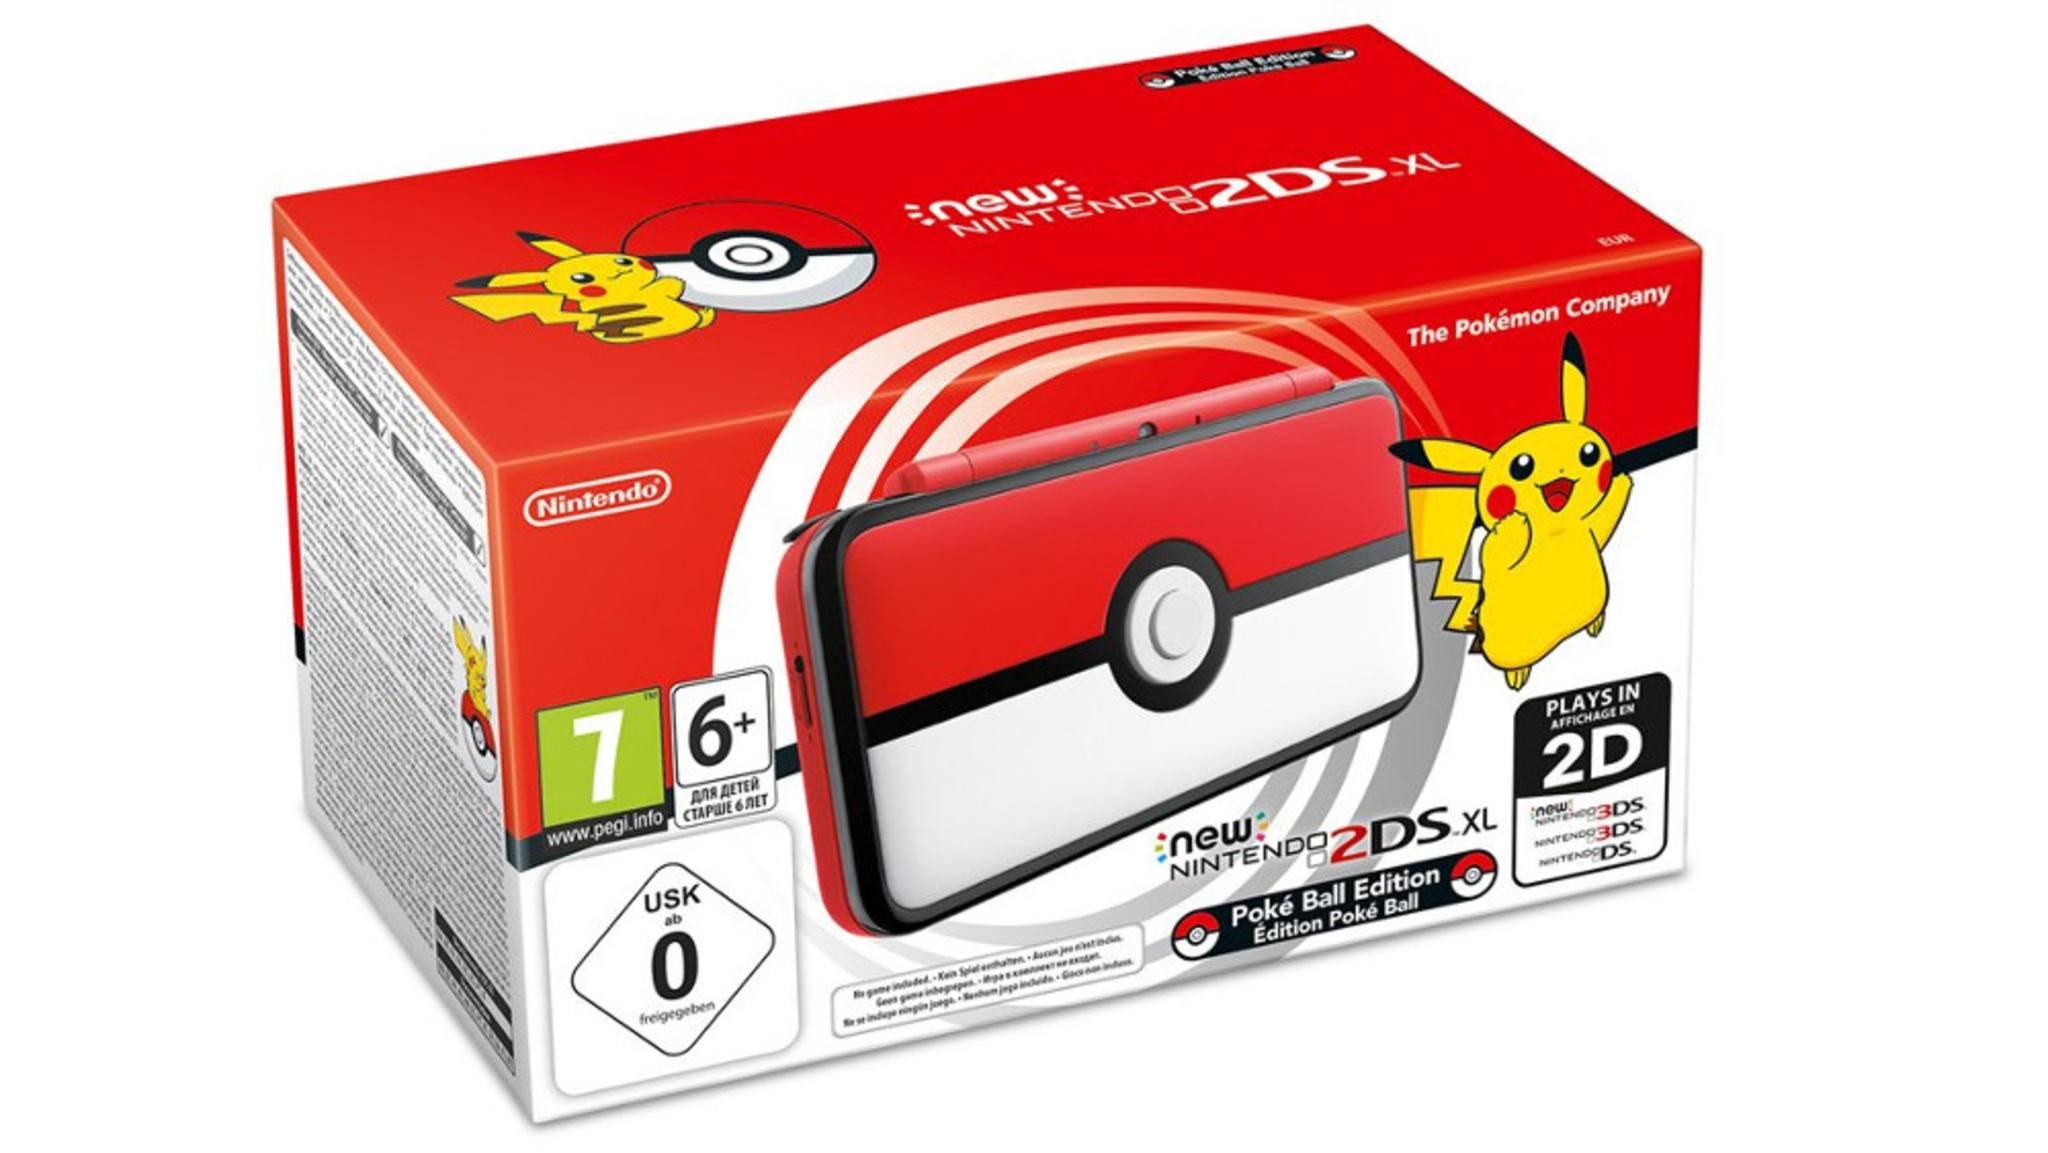 Nintendo hat neue Sondereditionen von 2DS XL und Nintendo Switch präsentiert.